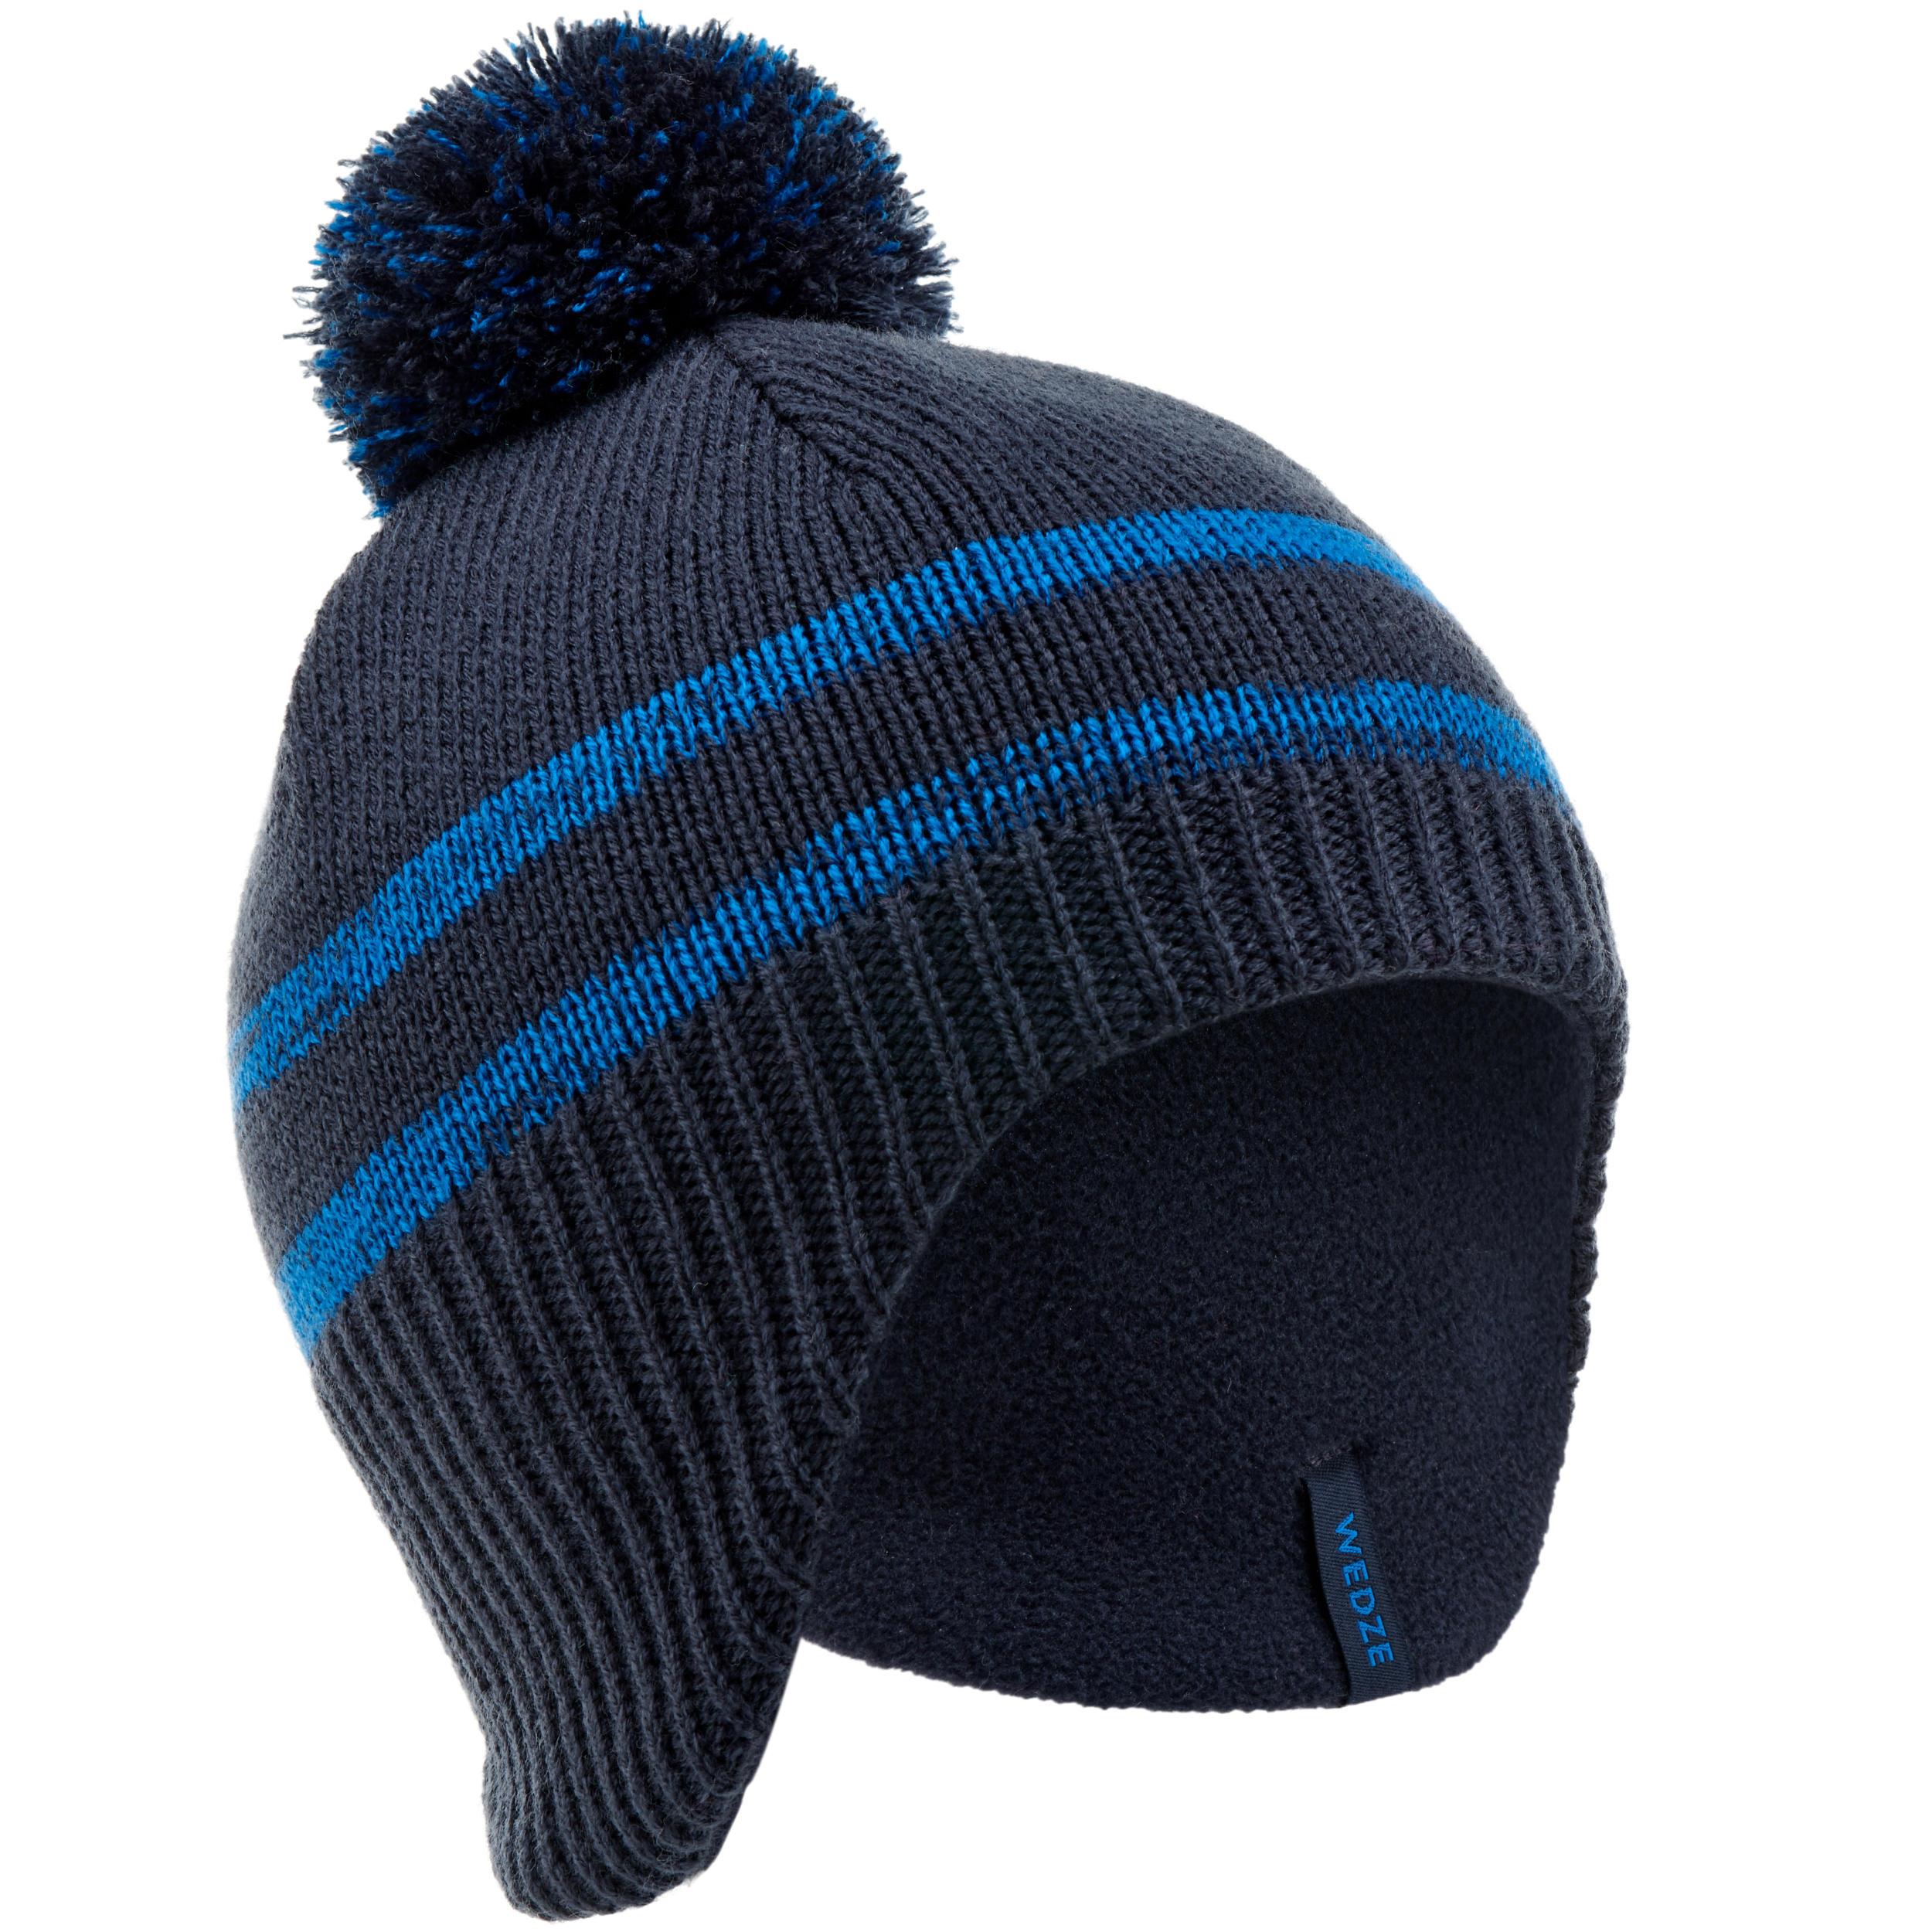 Enfants chapeau d/'hiver Thinsulate Chaud Bonnet Pompon Tricot Bicolore Bleu Gris